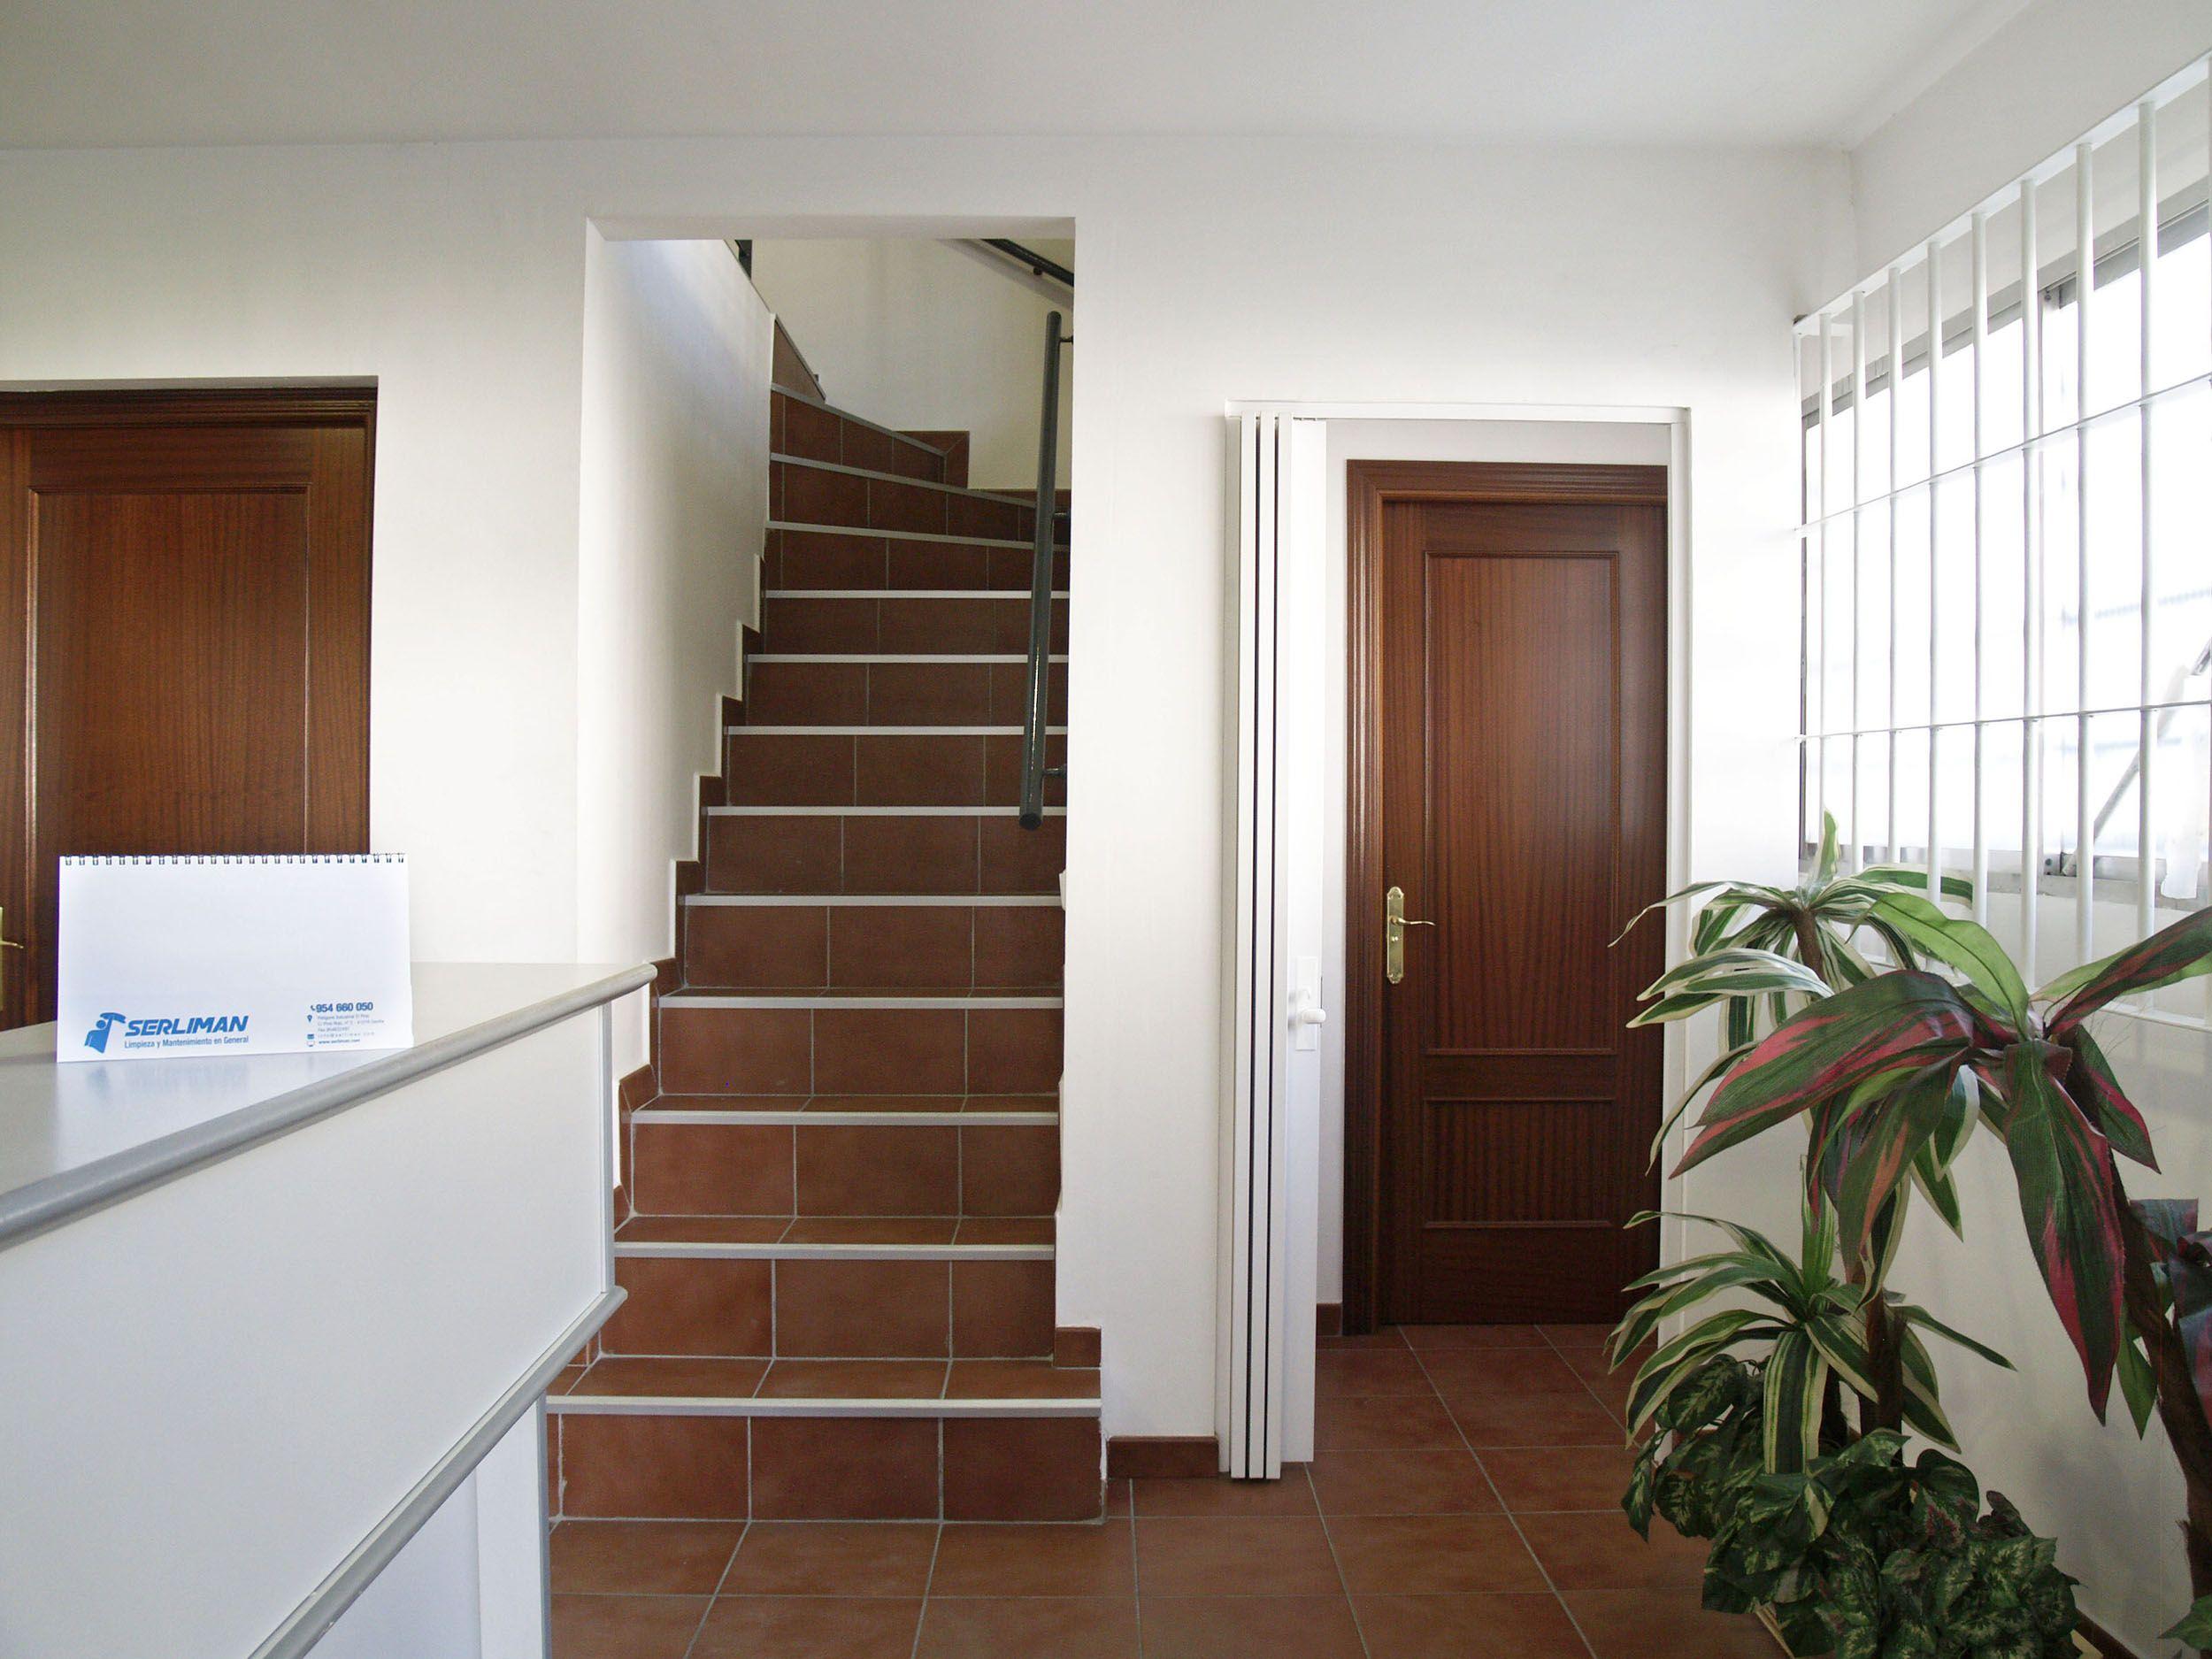 Especialistas en limpiezas y mantenimientos en Sevilla